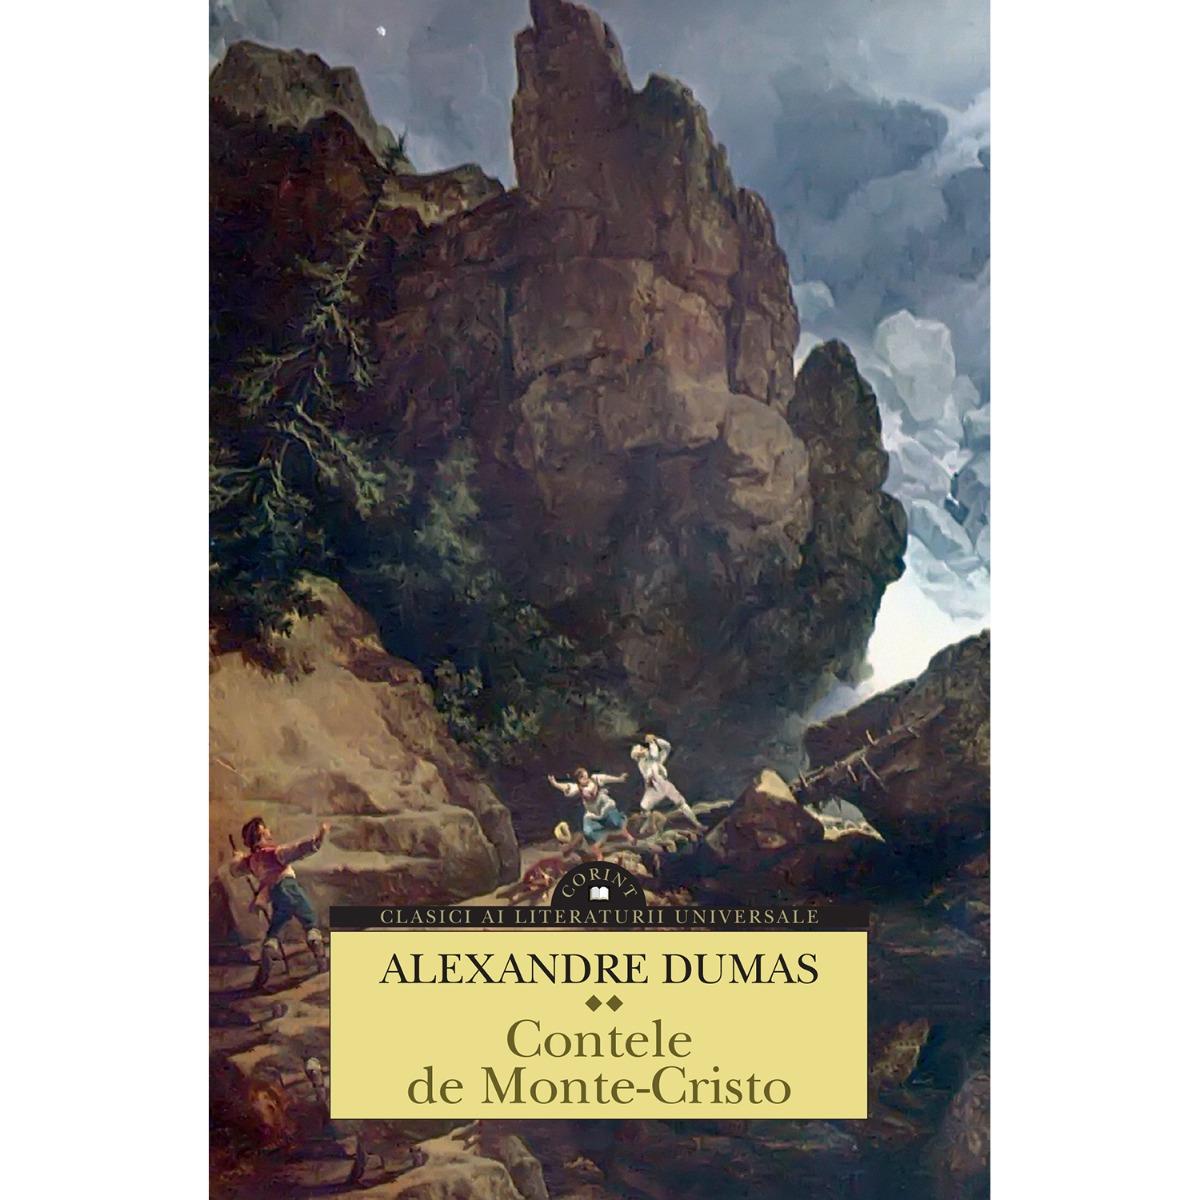 Carte Editura Corint, Contele De Monte-cristo. 2 Volume, Alexandre Dumas